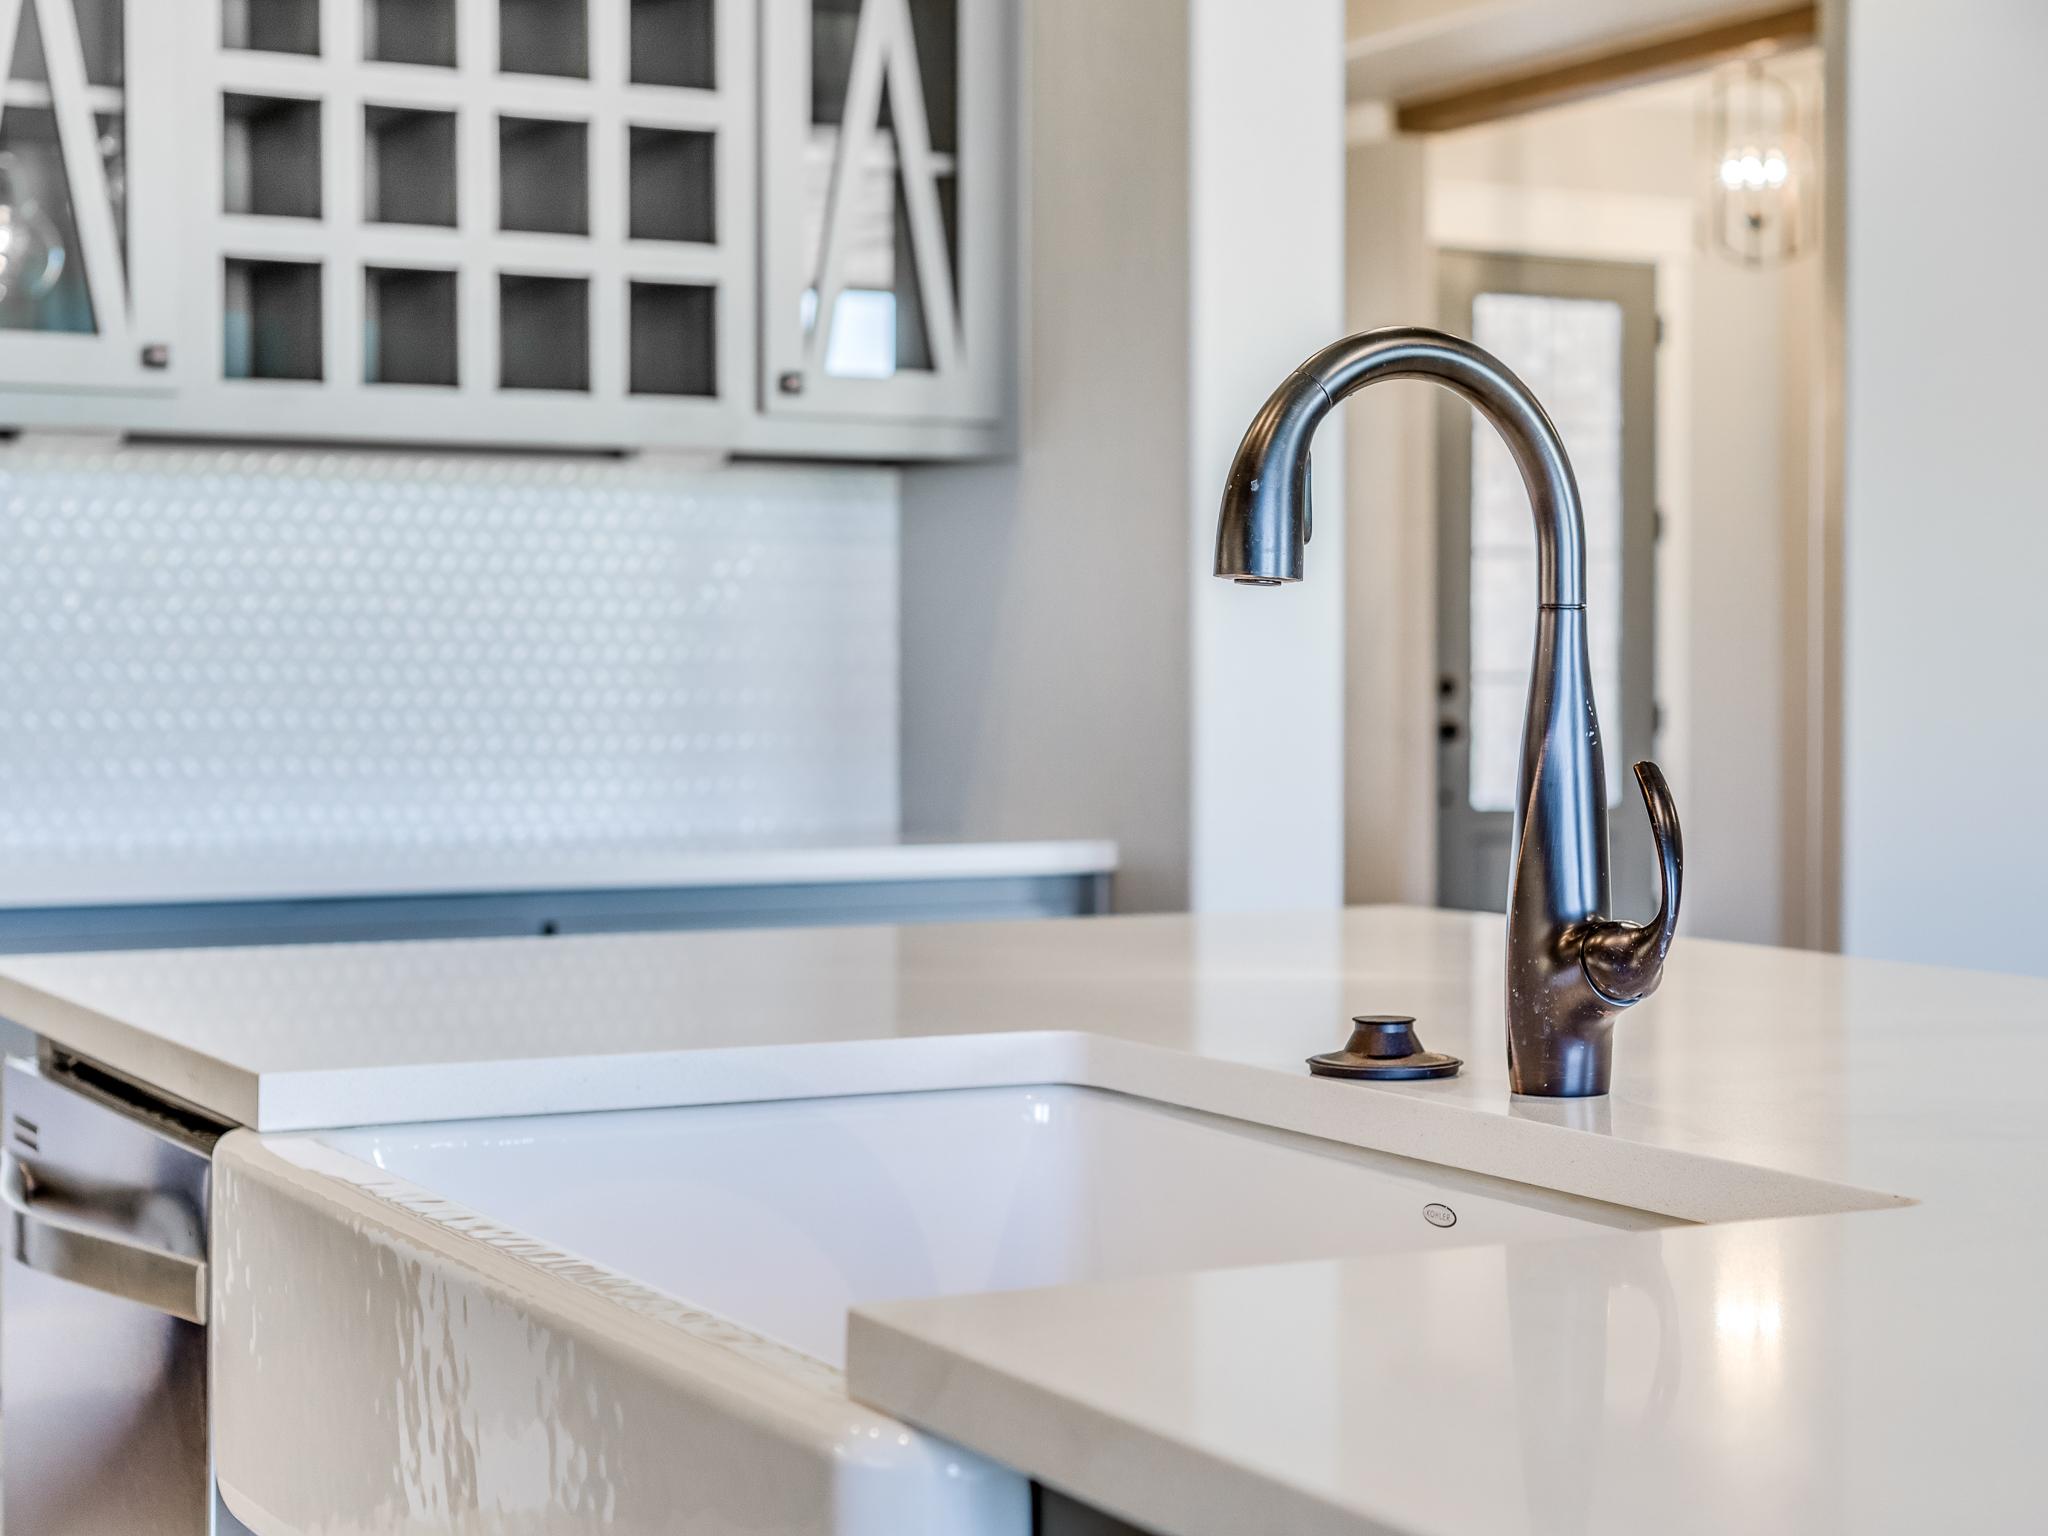 4 Kitchen Sink Detail.jpg